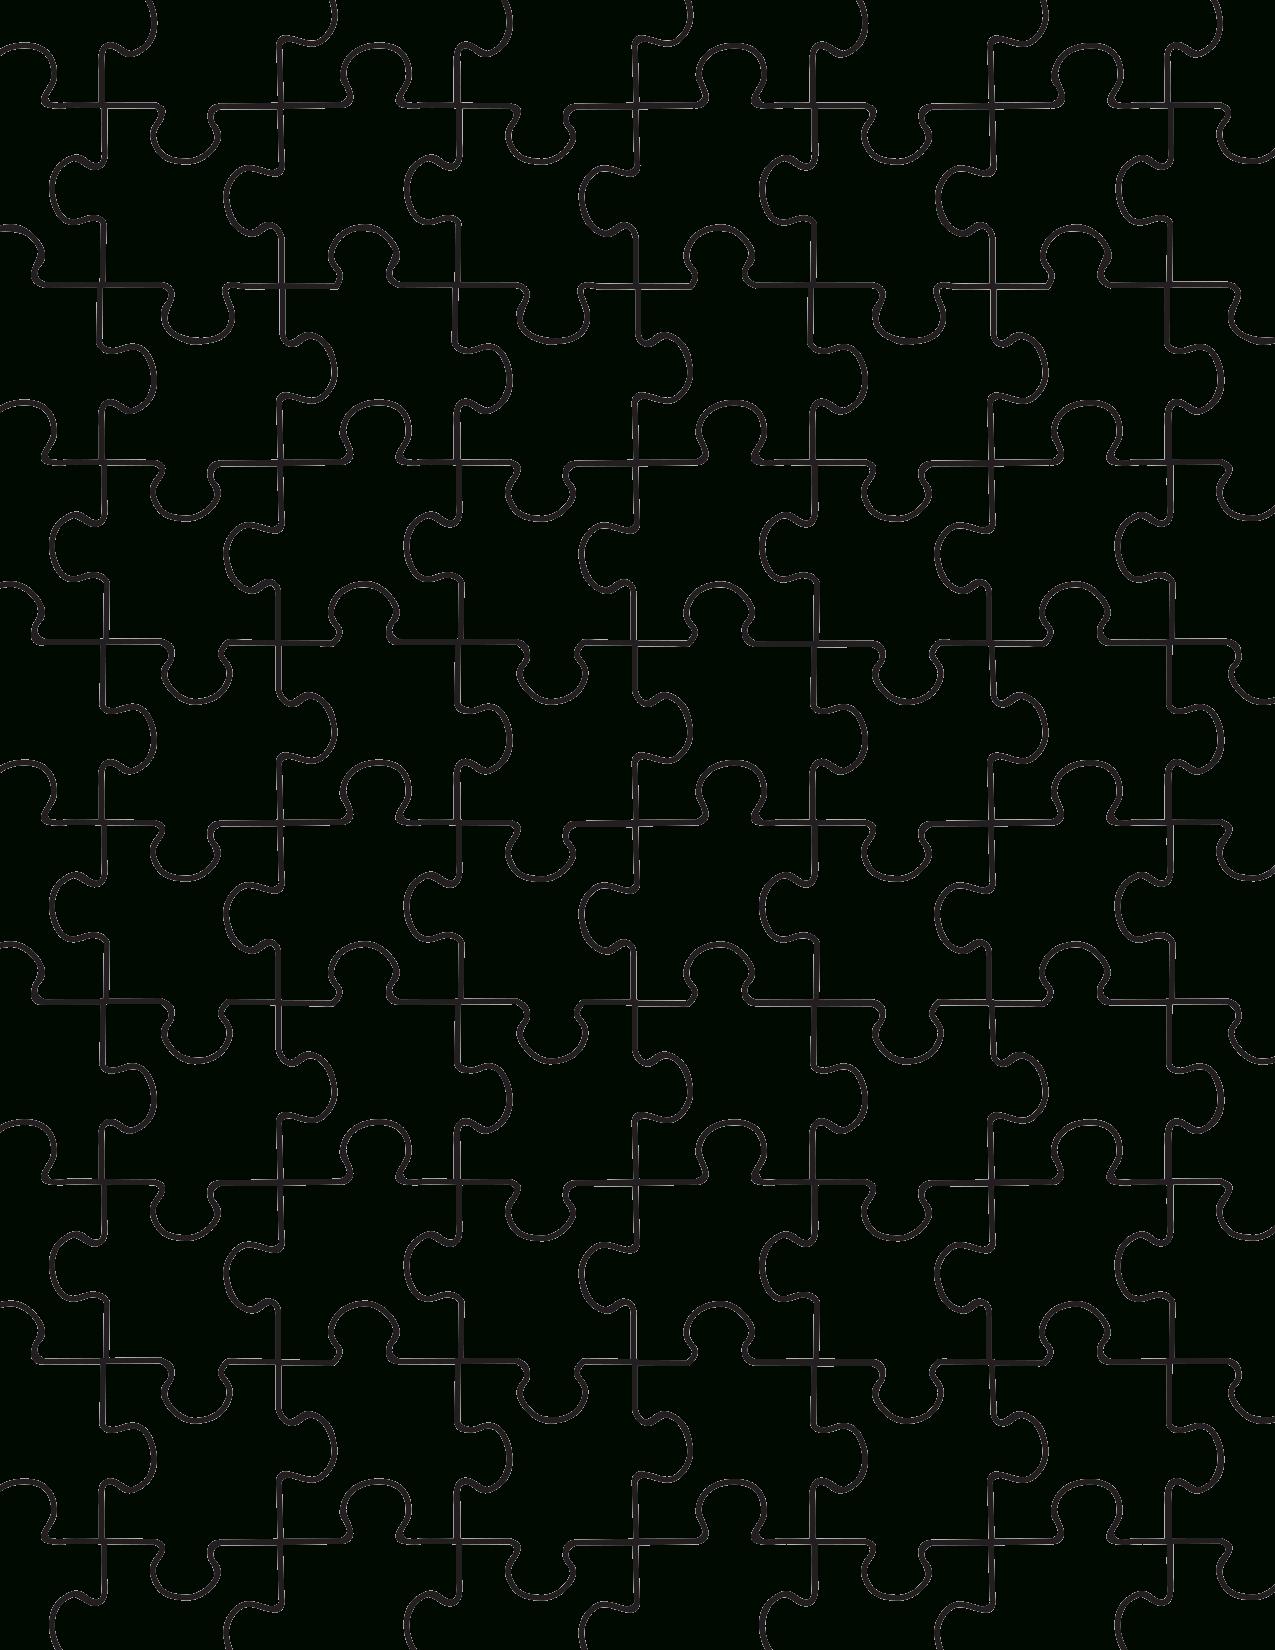 Printable Puzzle Pieces Template   Decor   Puzzle Piece Template - Printable 3 Puzzle Pieces